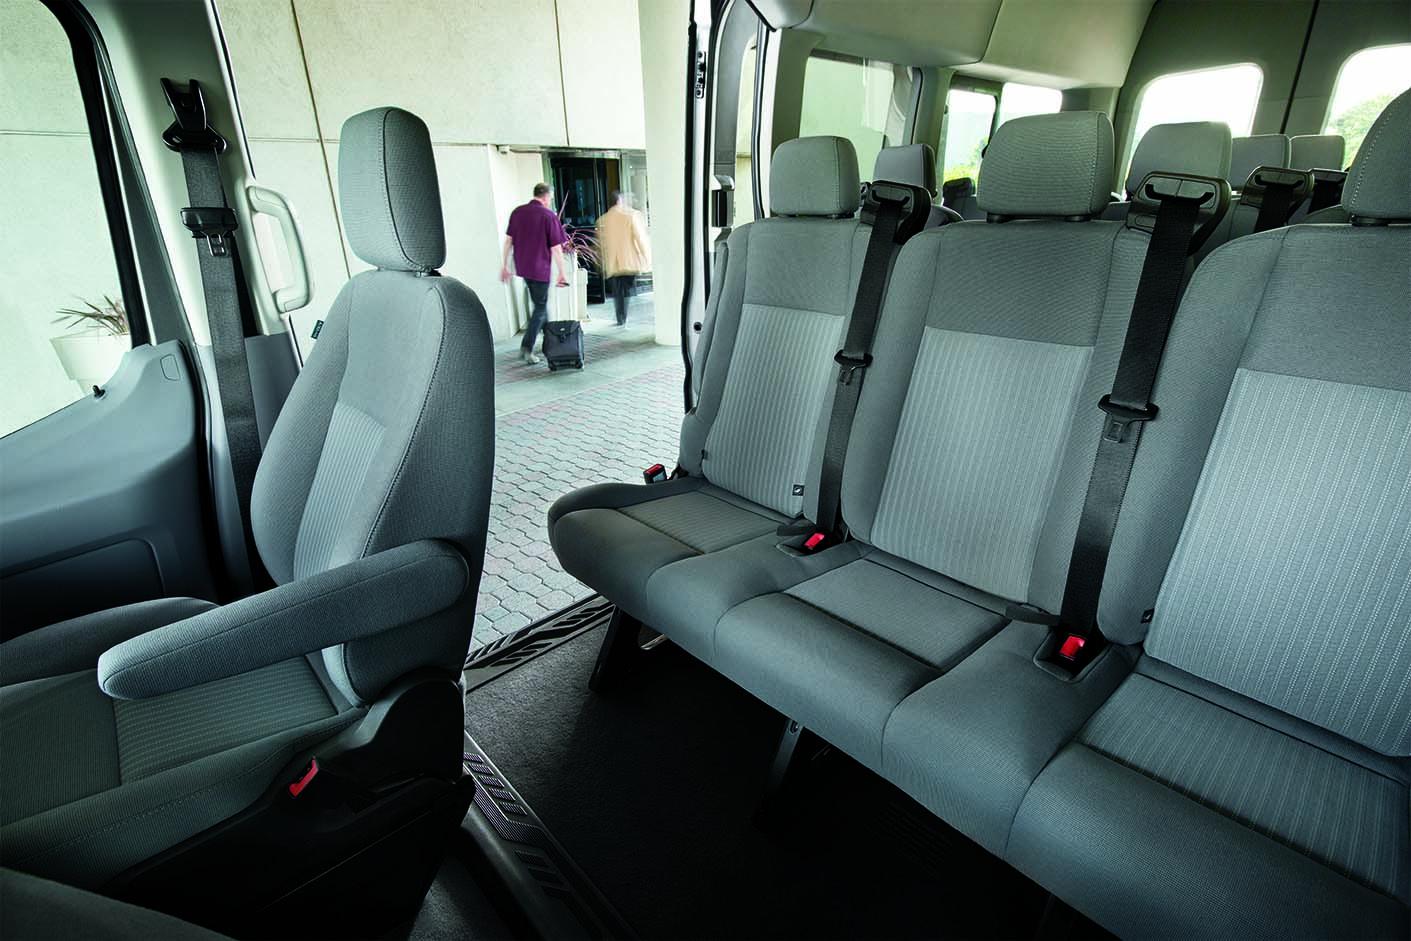 2019 Ford Transit sliding door